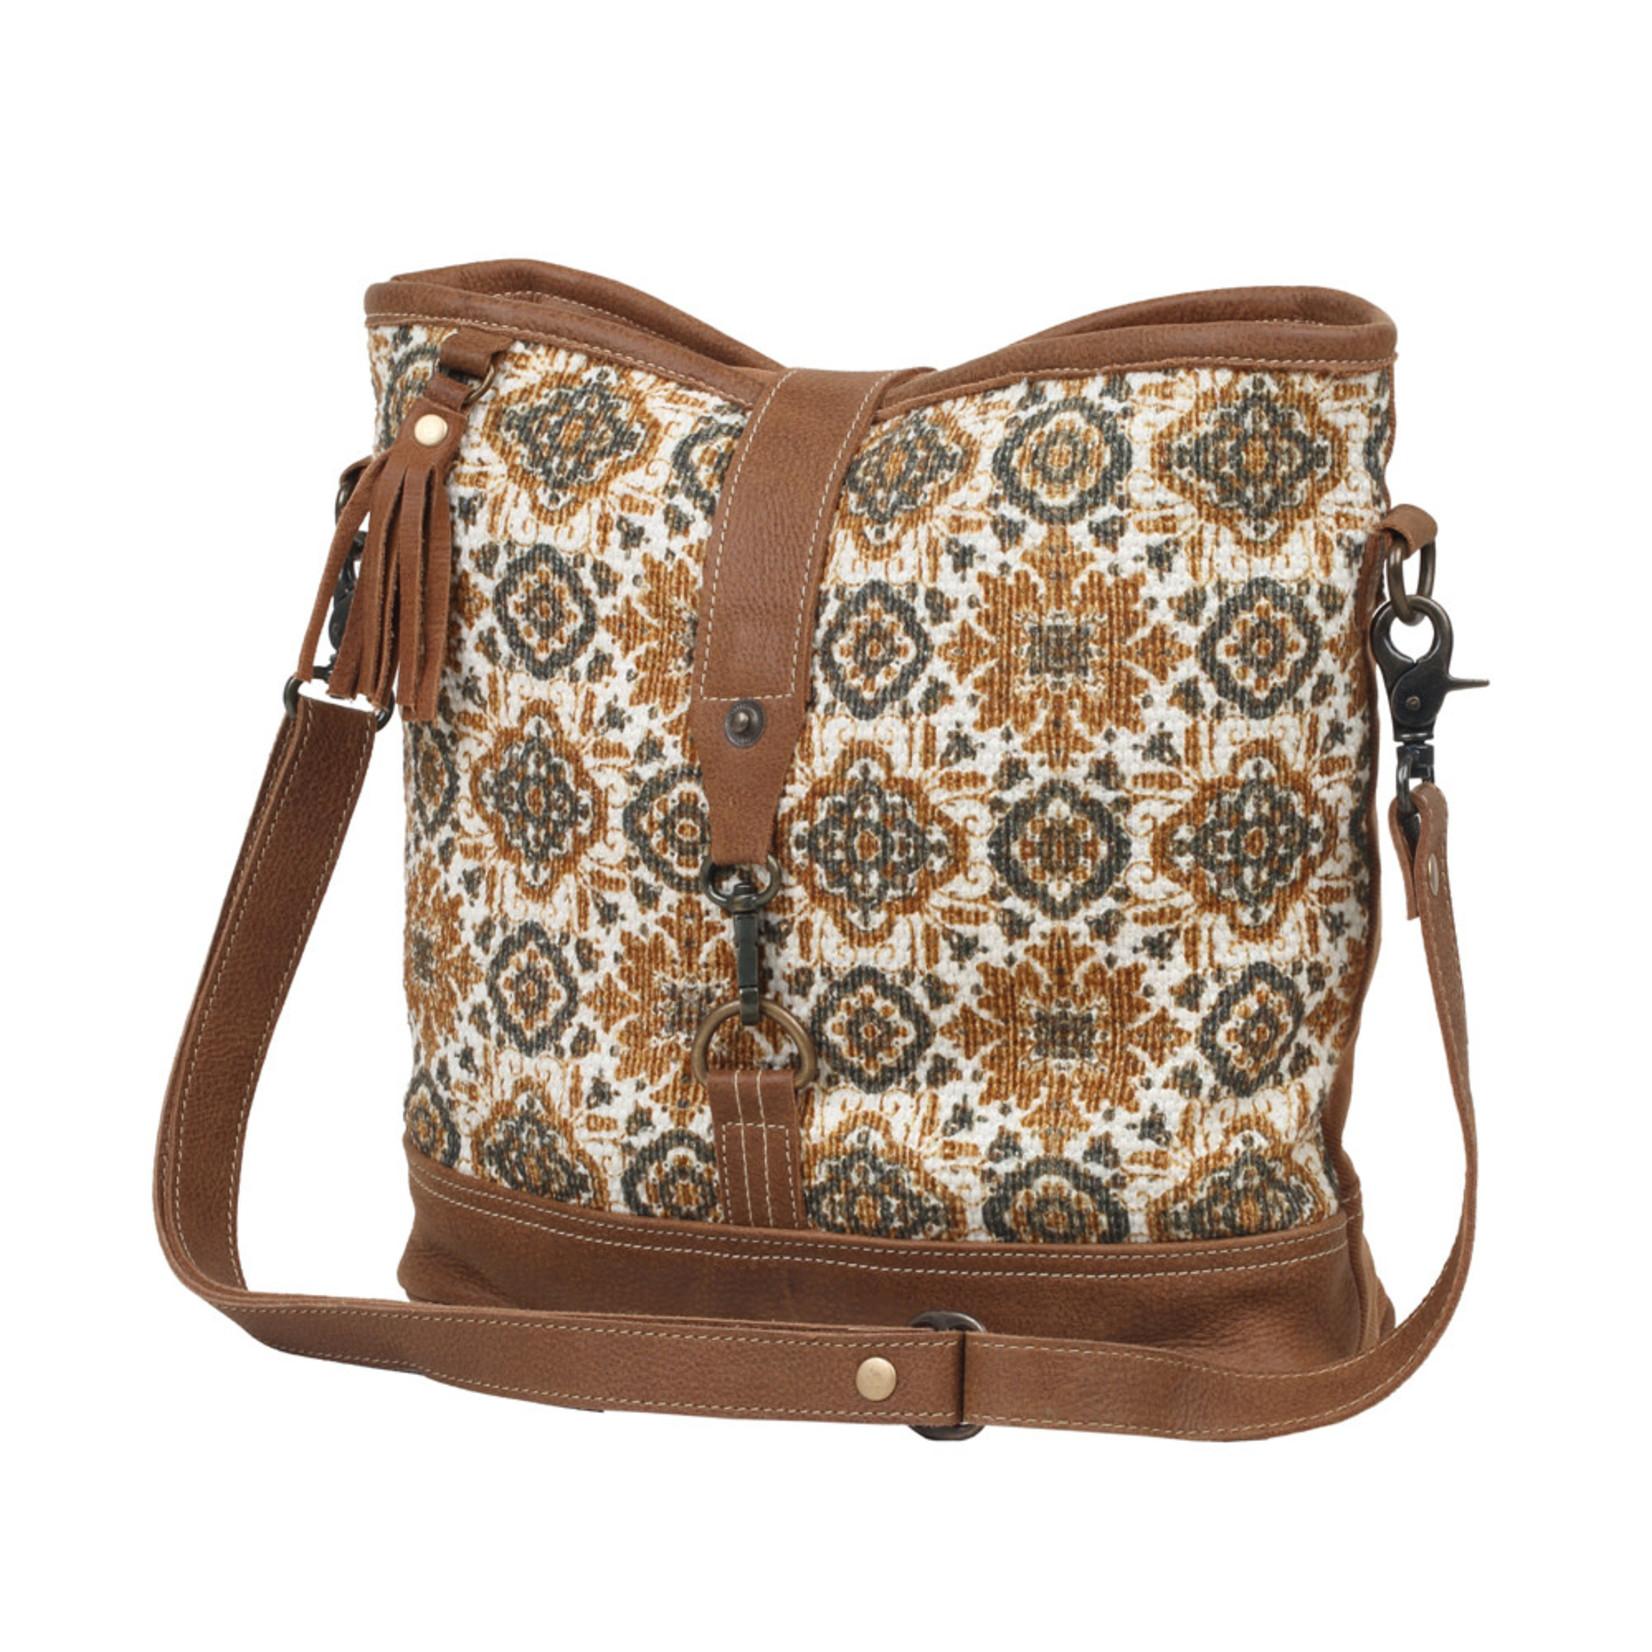 Myra Bags S-2546 Dipping Blocks Shoulder Bag